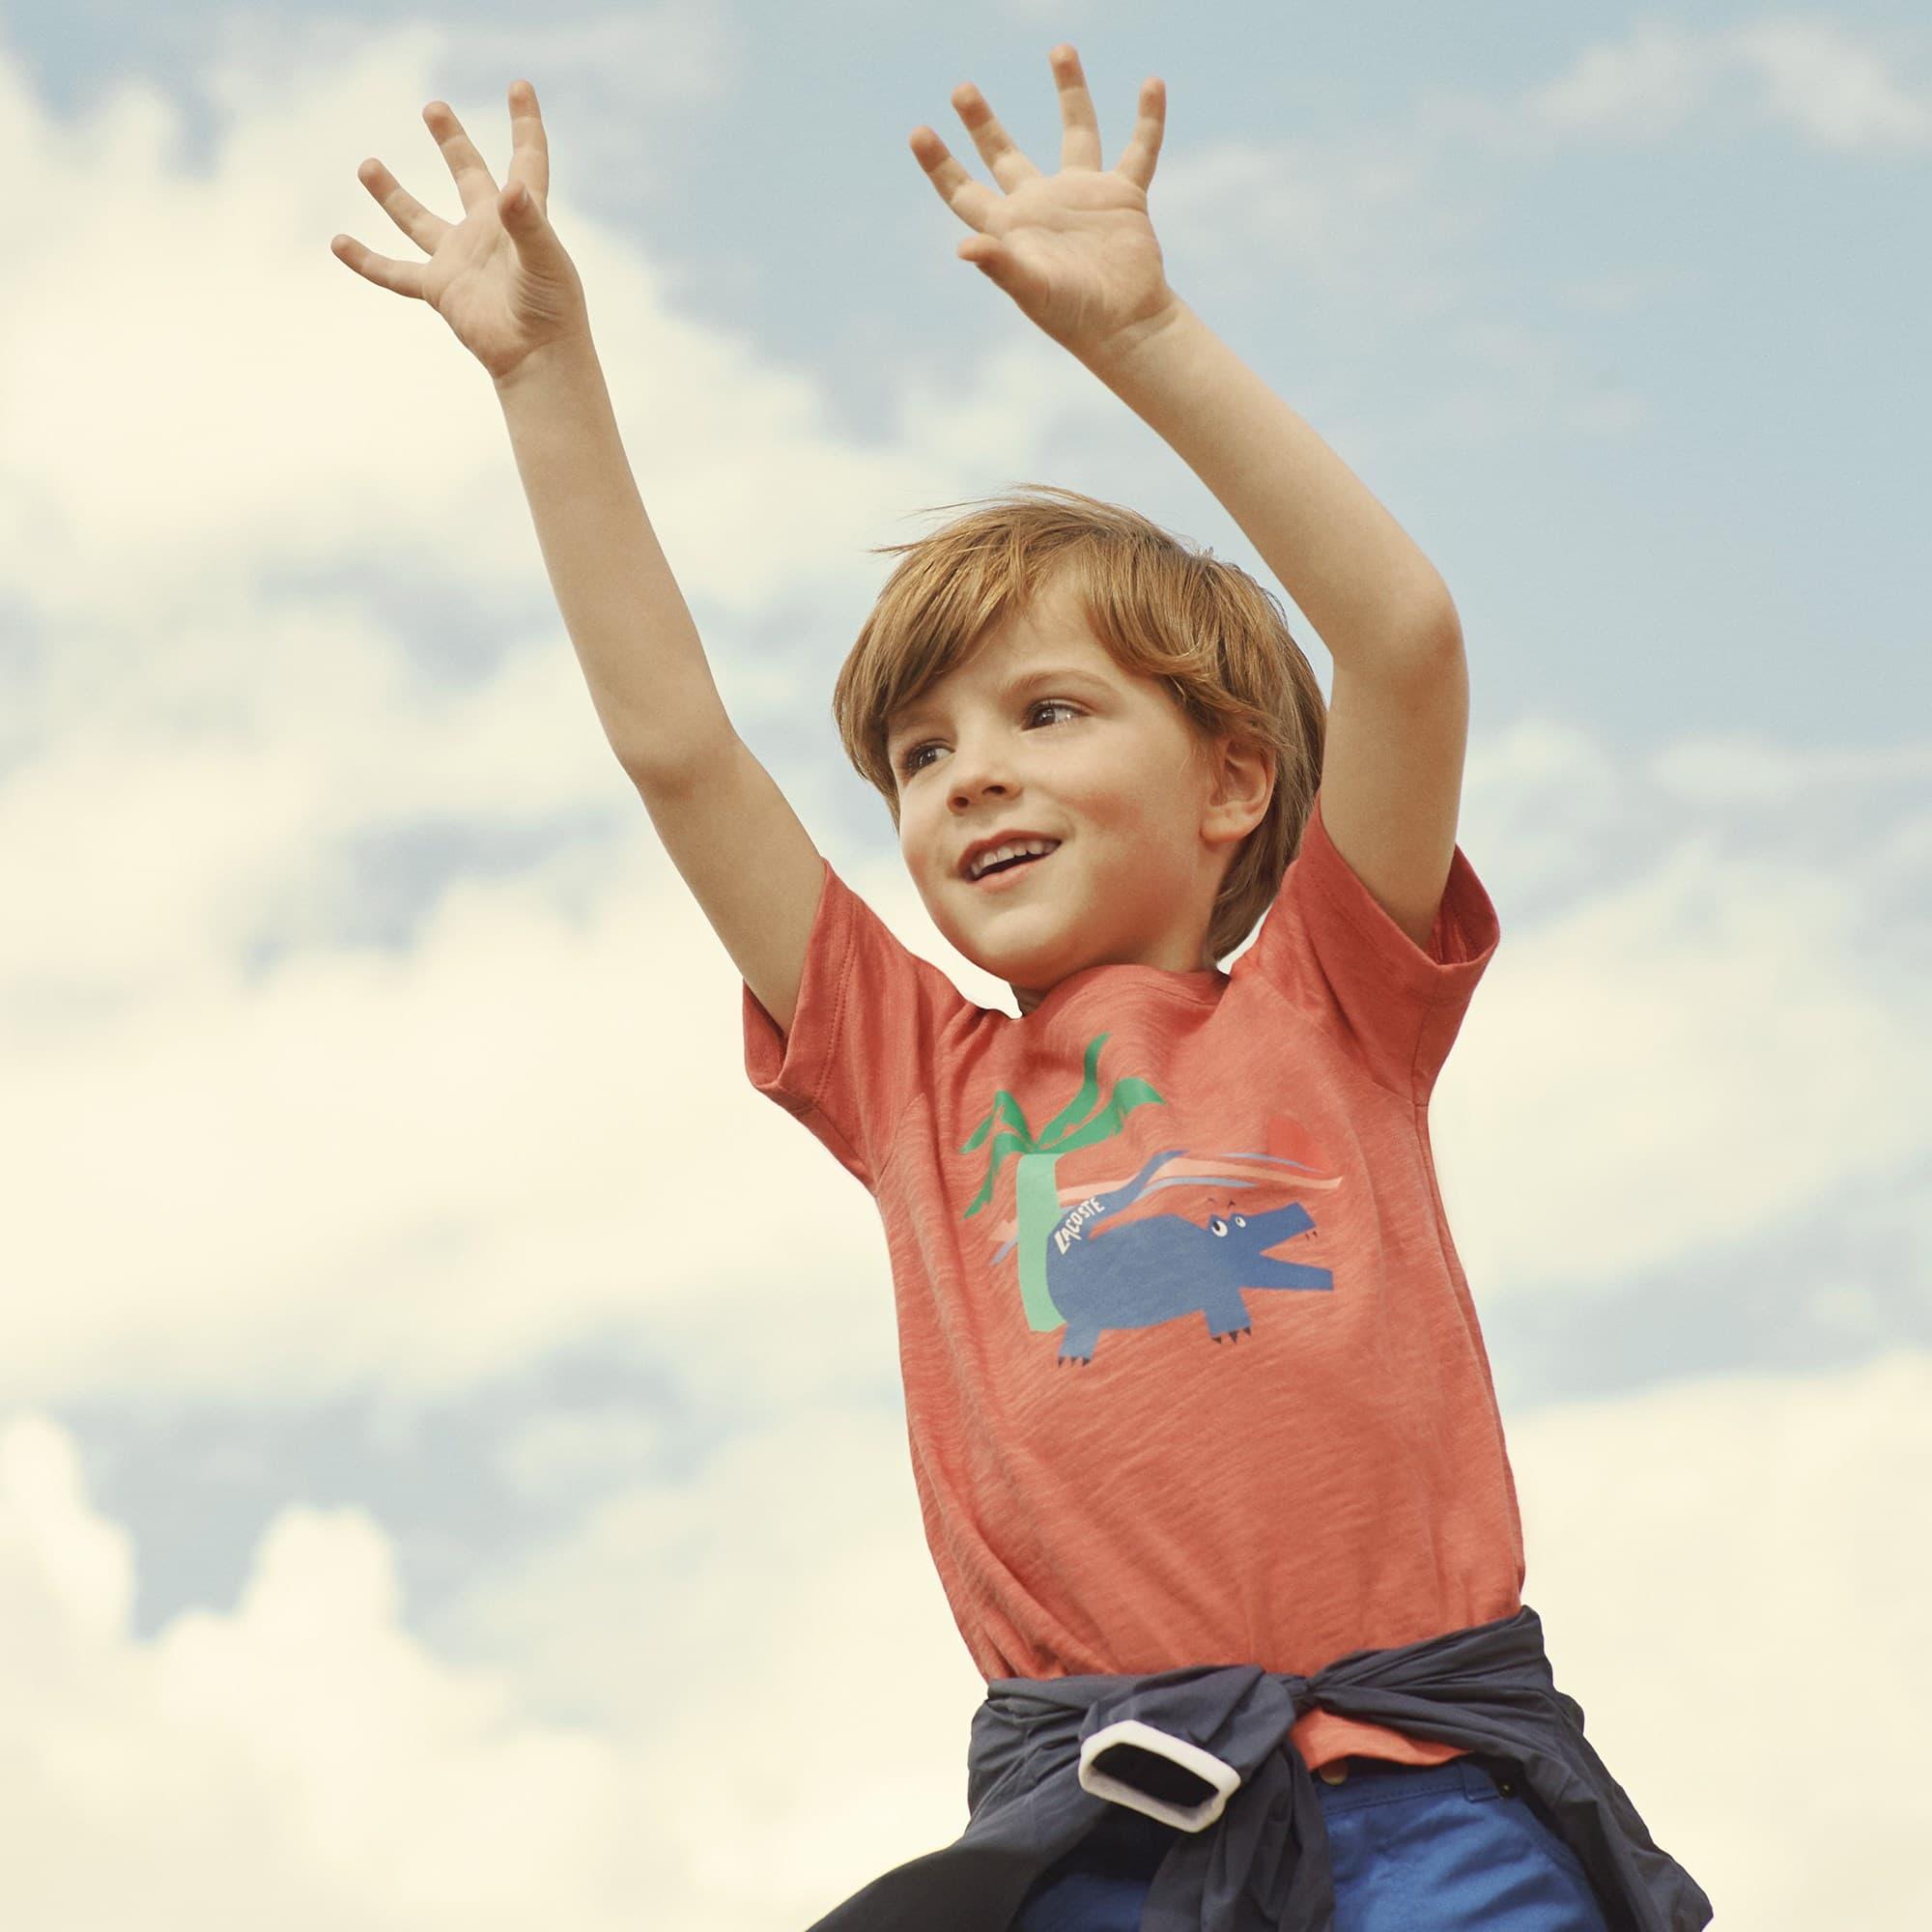 Camiseta De Punto Flameado Con Cuello Redondo Para Niño Con Estampado De Cocodrilo